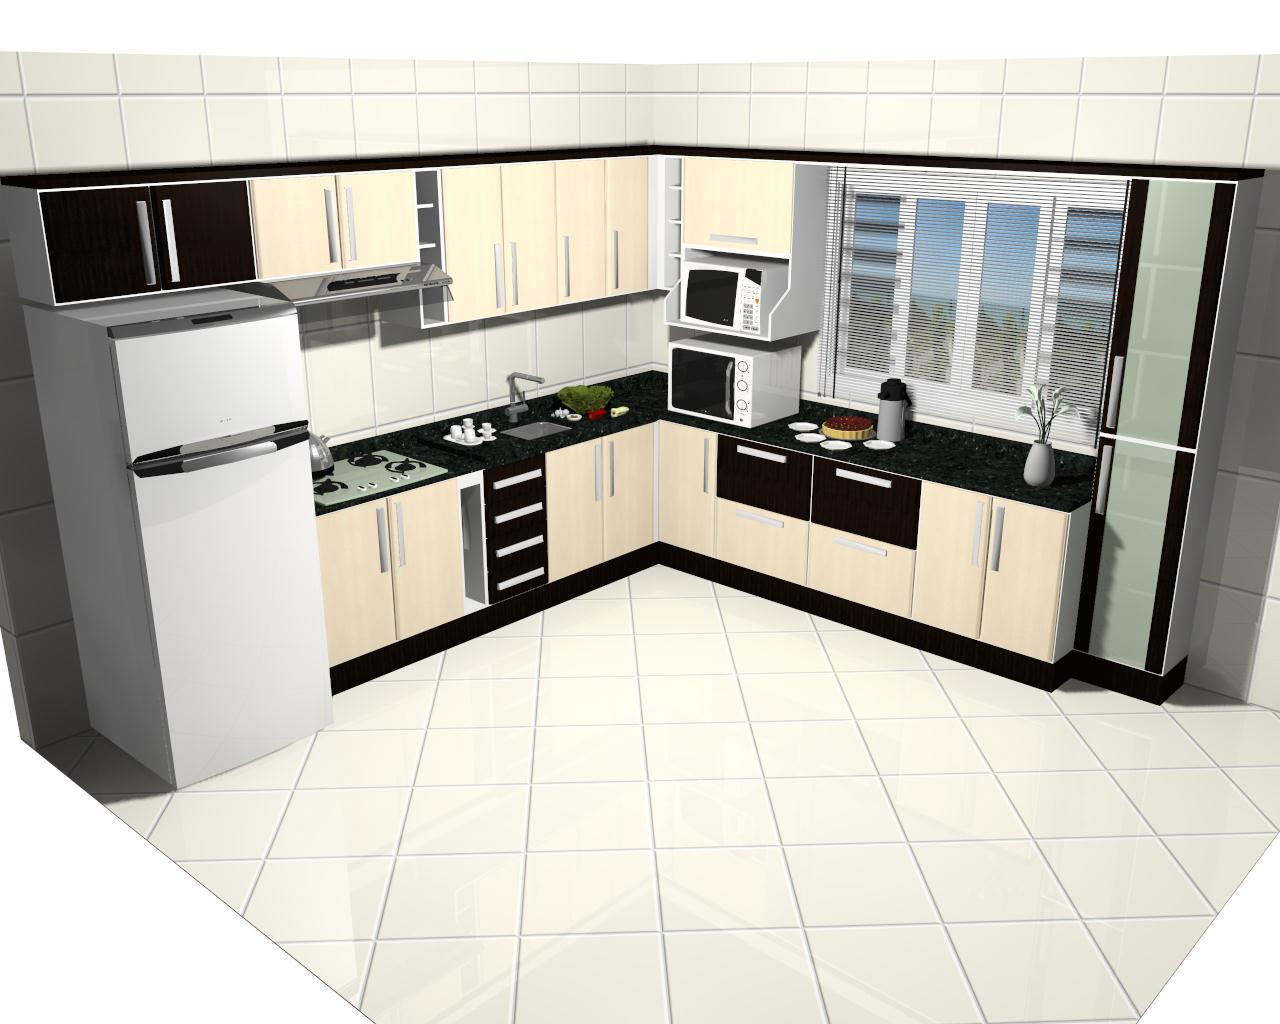 Promob para projetar cozinhas planejadas #867545 1280 1024